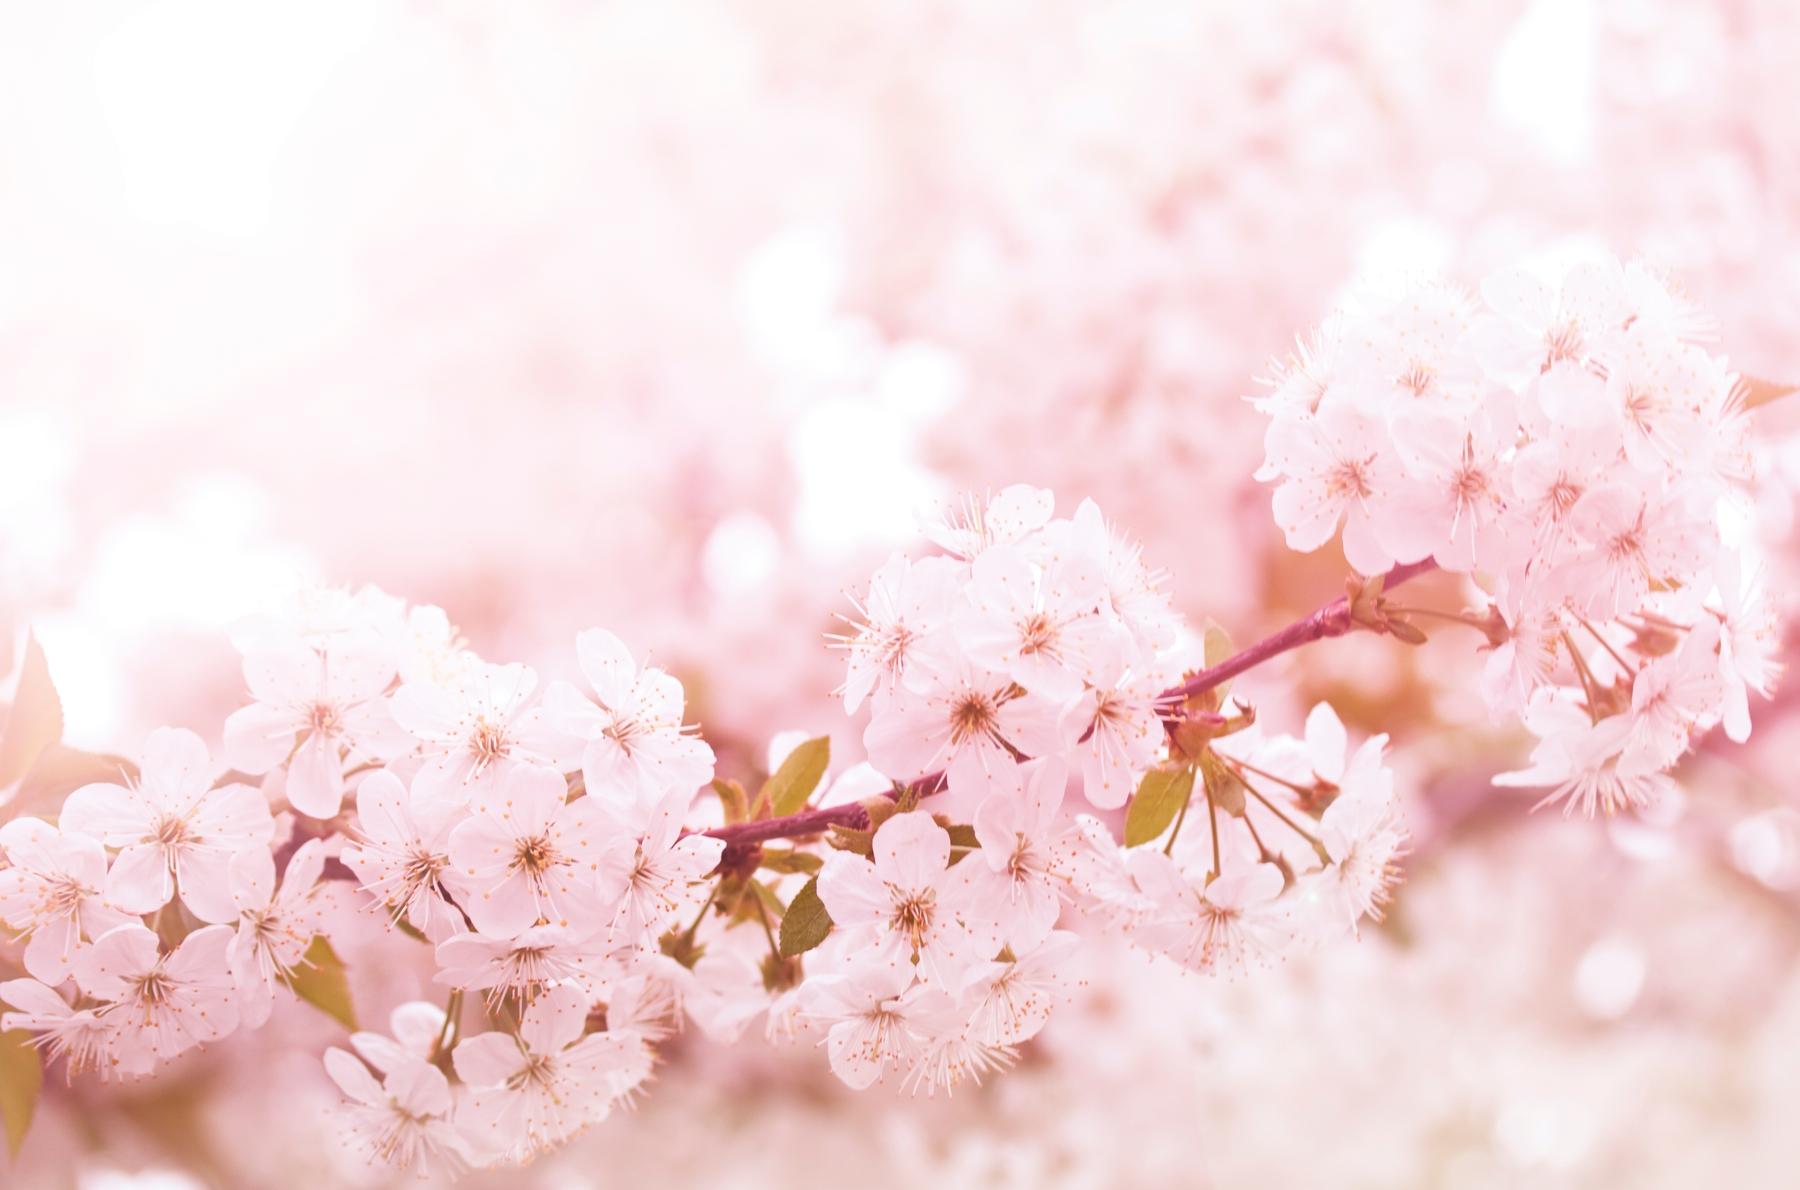 拉拉山完全複製了日本賞櫻的特色,各式櫻花在山谷間滿溢